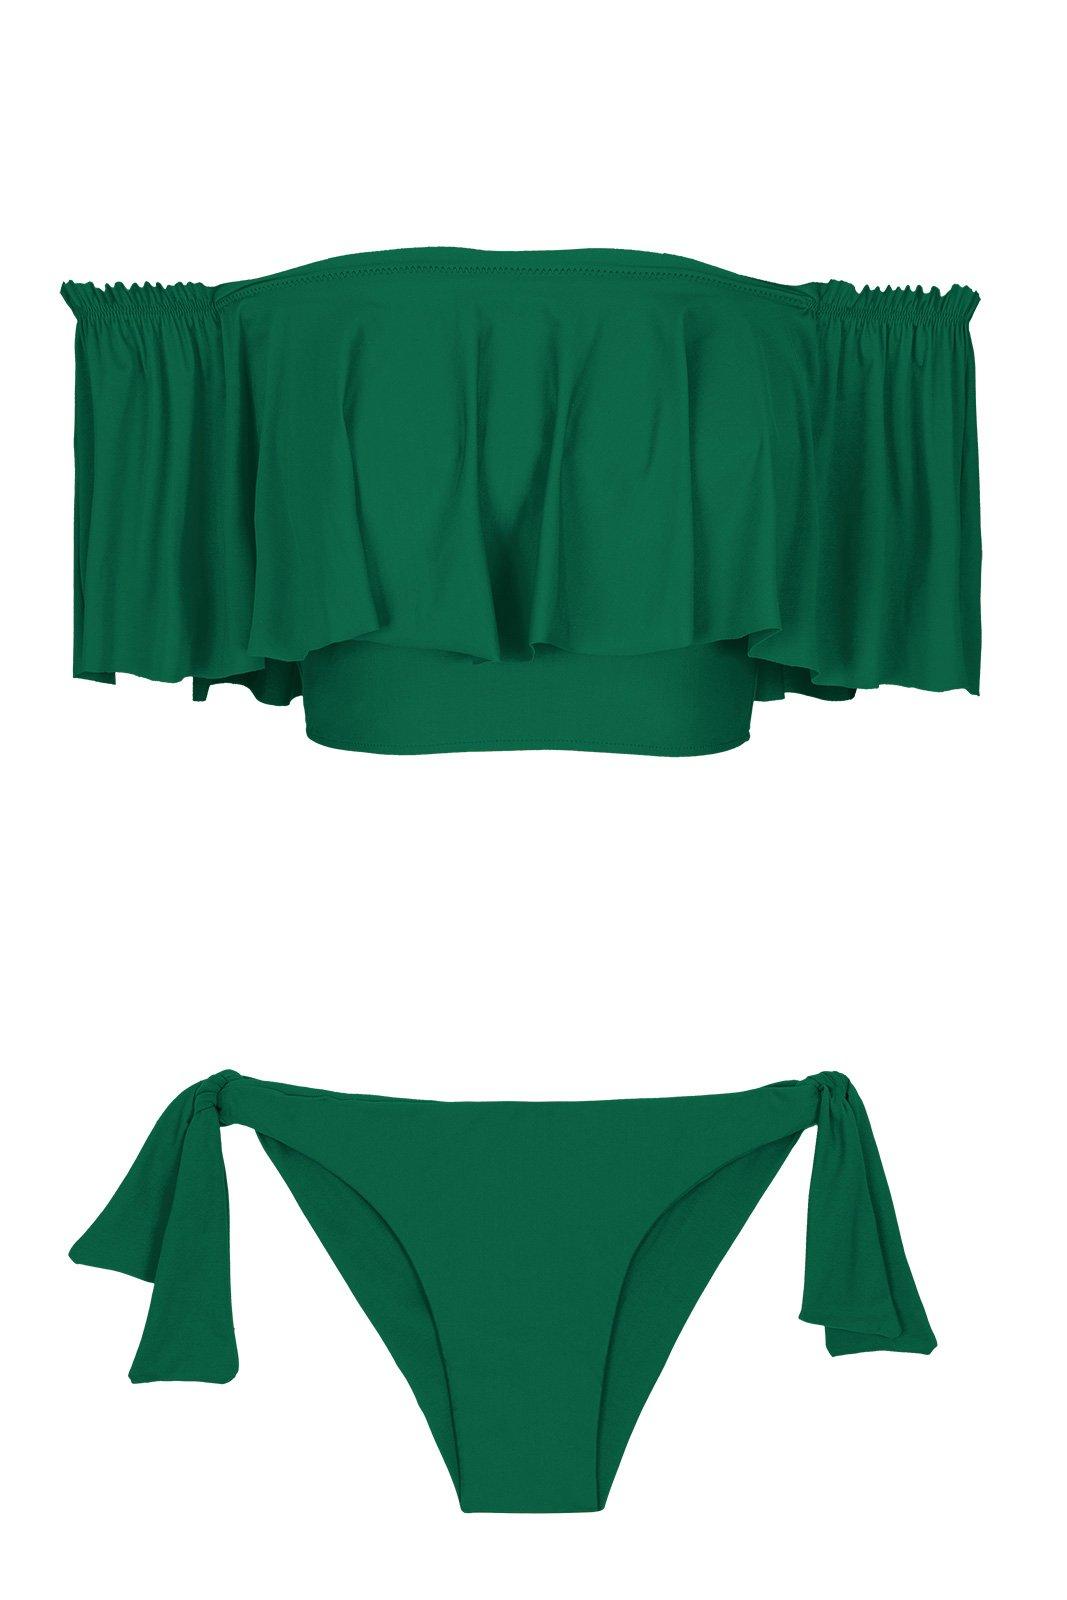 d7d70138744591 Green Flounced Off-the-shoulder Crop Top Bikini - Mandacaru Babado - Rio de  Sol